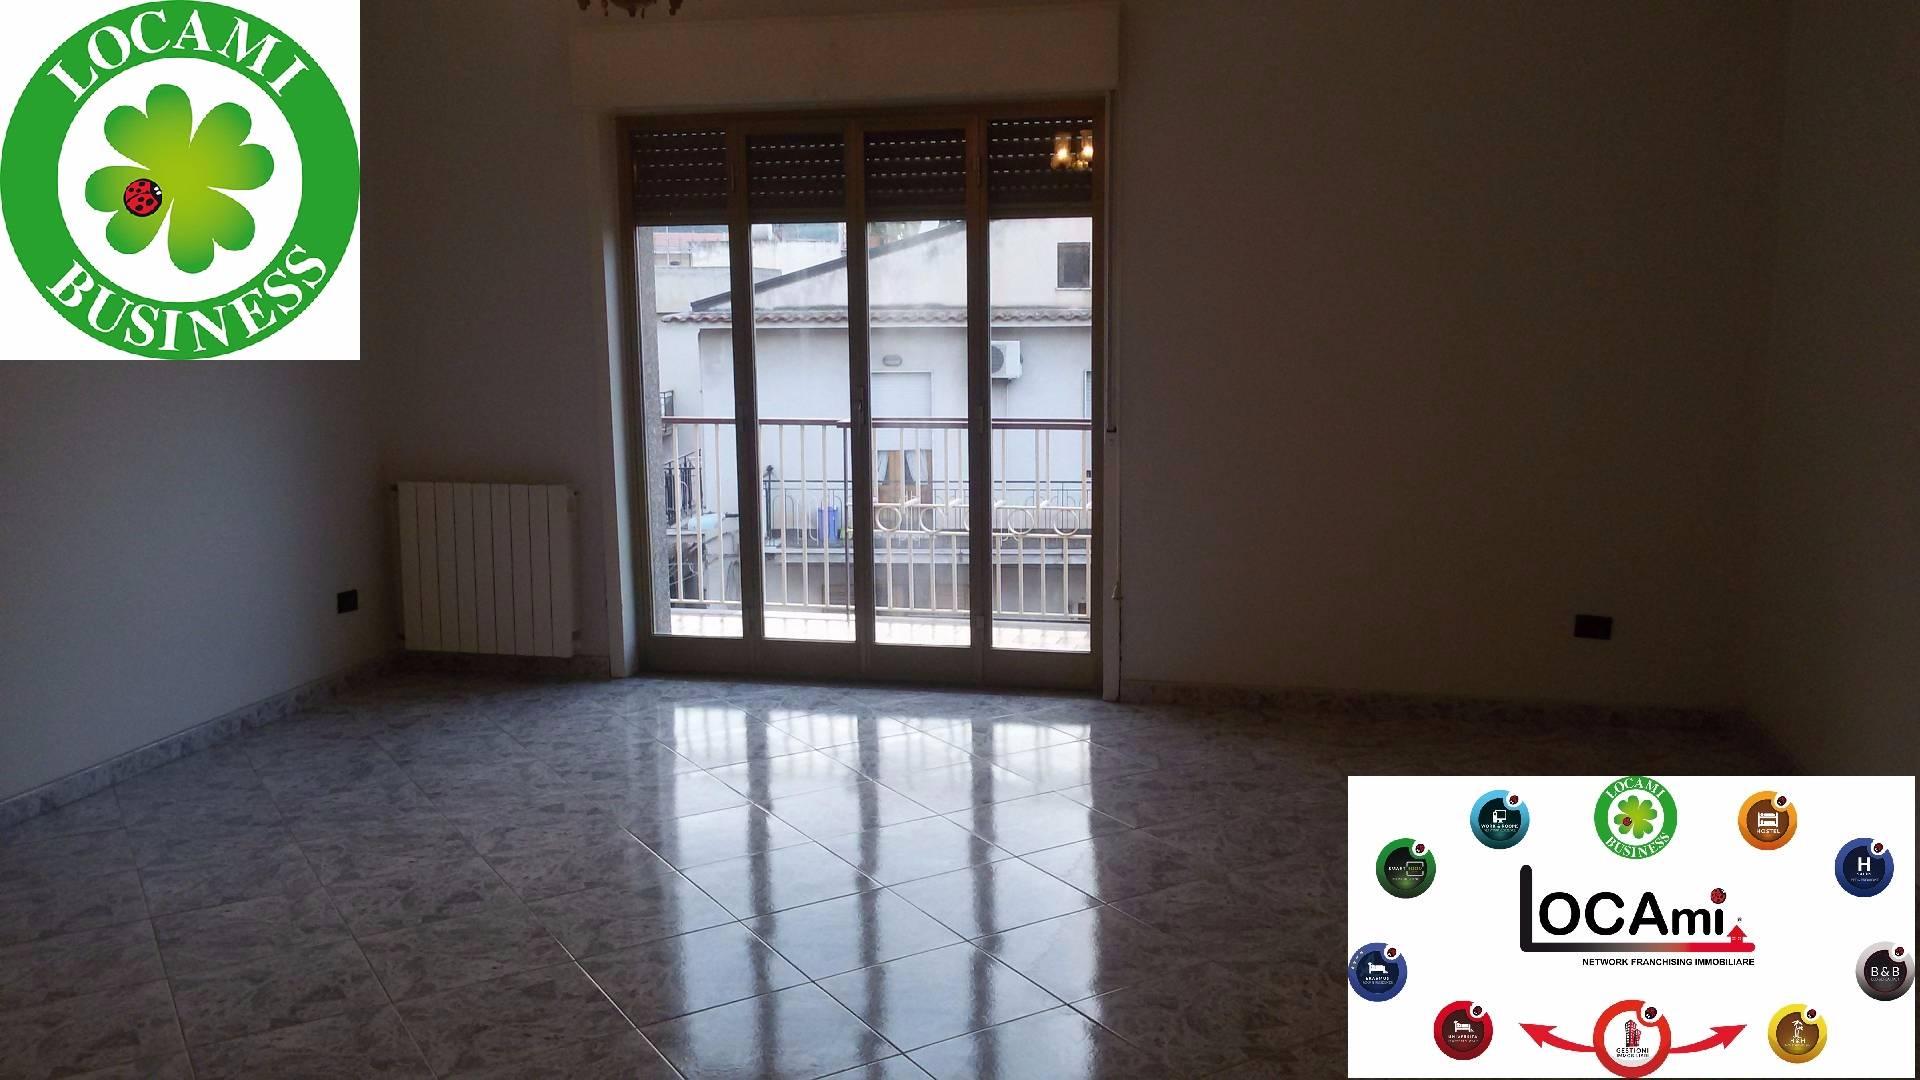 Appartamento in vendita a Patti, 6 locali, zona Località: MarinadiPatti, prezzo € 185.000 | Cambio Casa.it